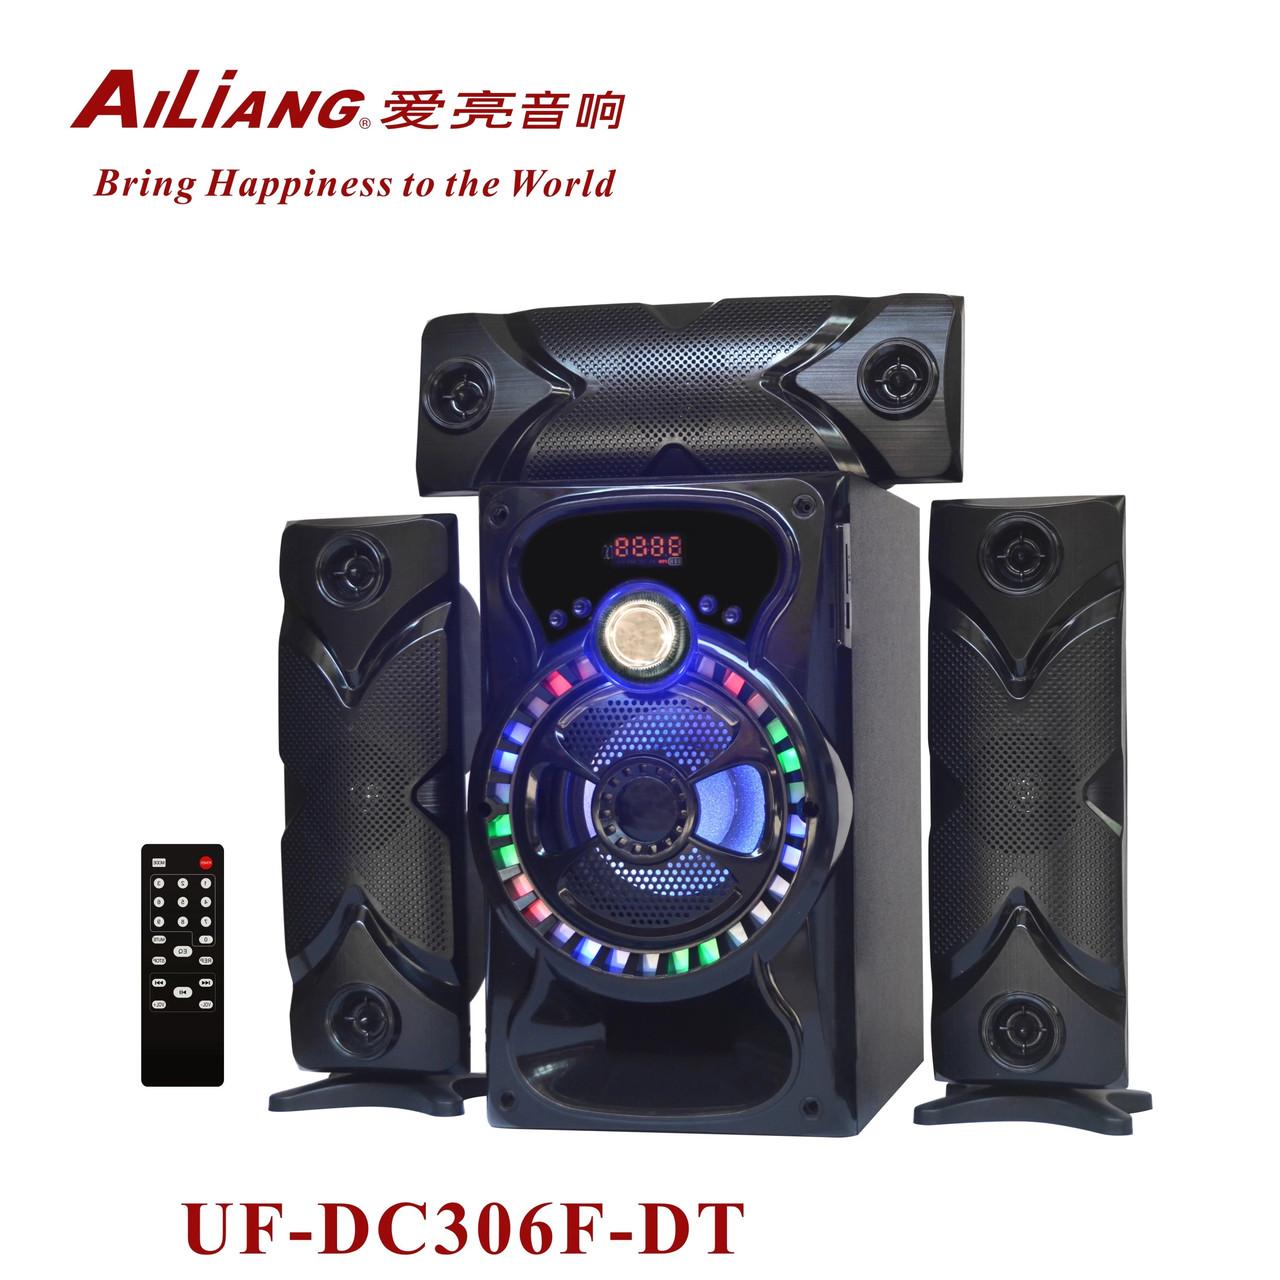 Бездротова акумуляторна колонка валізу Ailiang UF-DC306F-DT, портативна Bluetooth акустика з підсилювачем